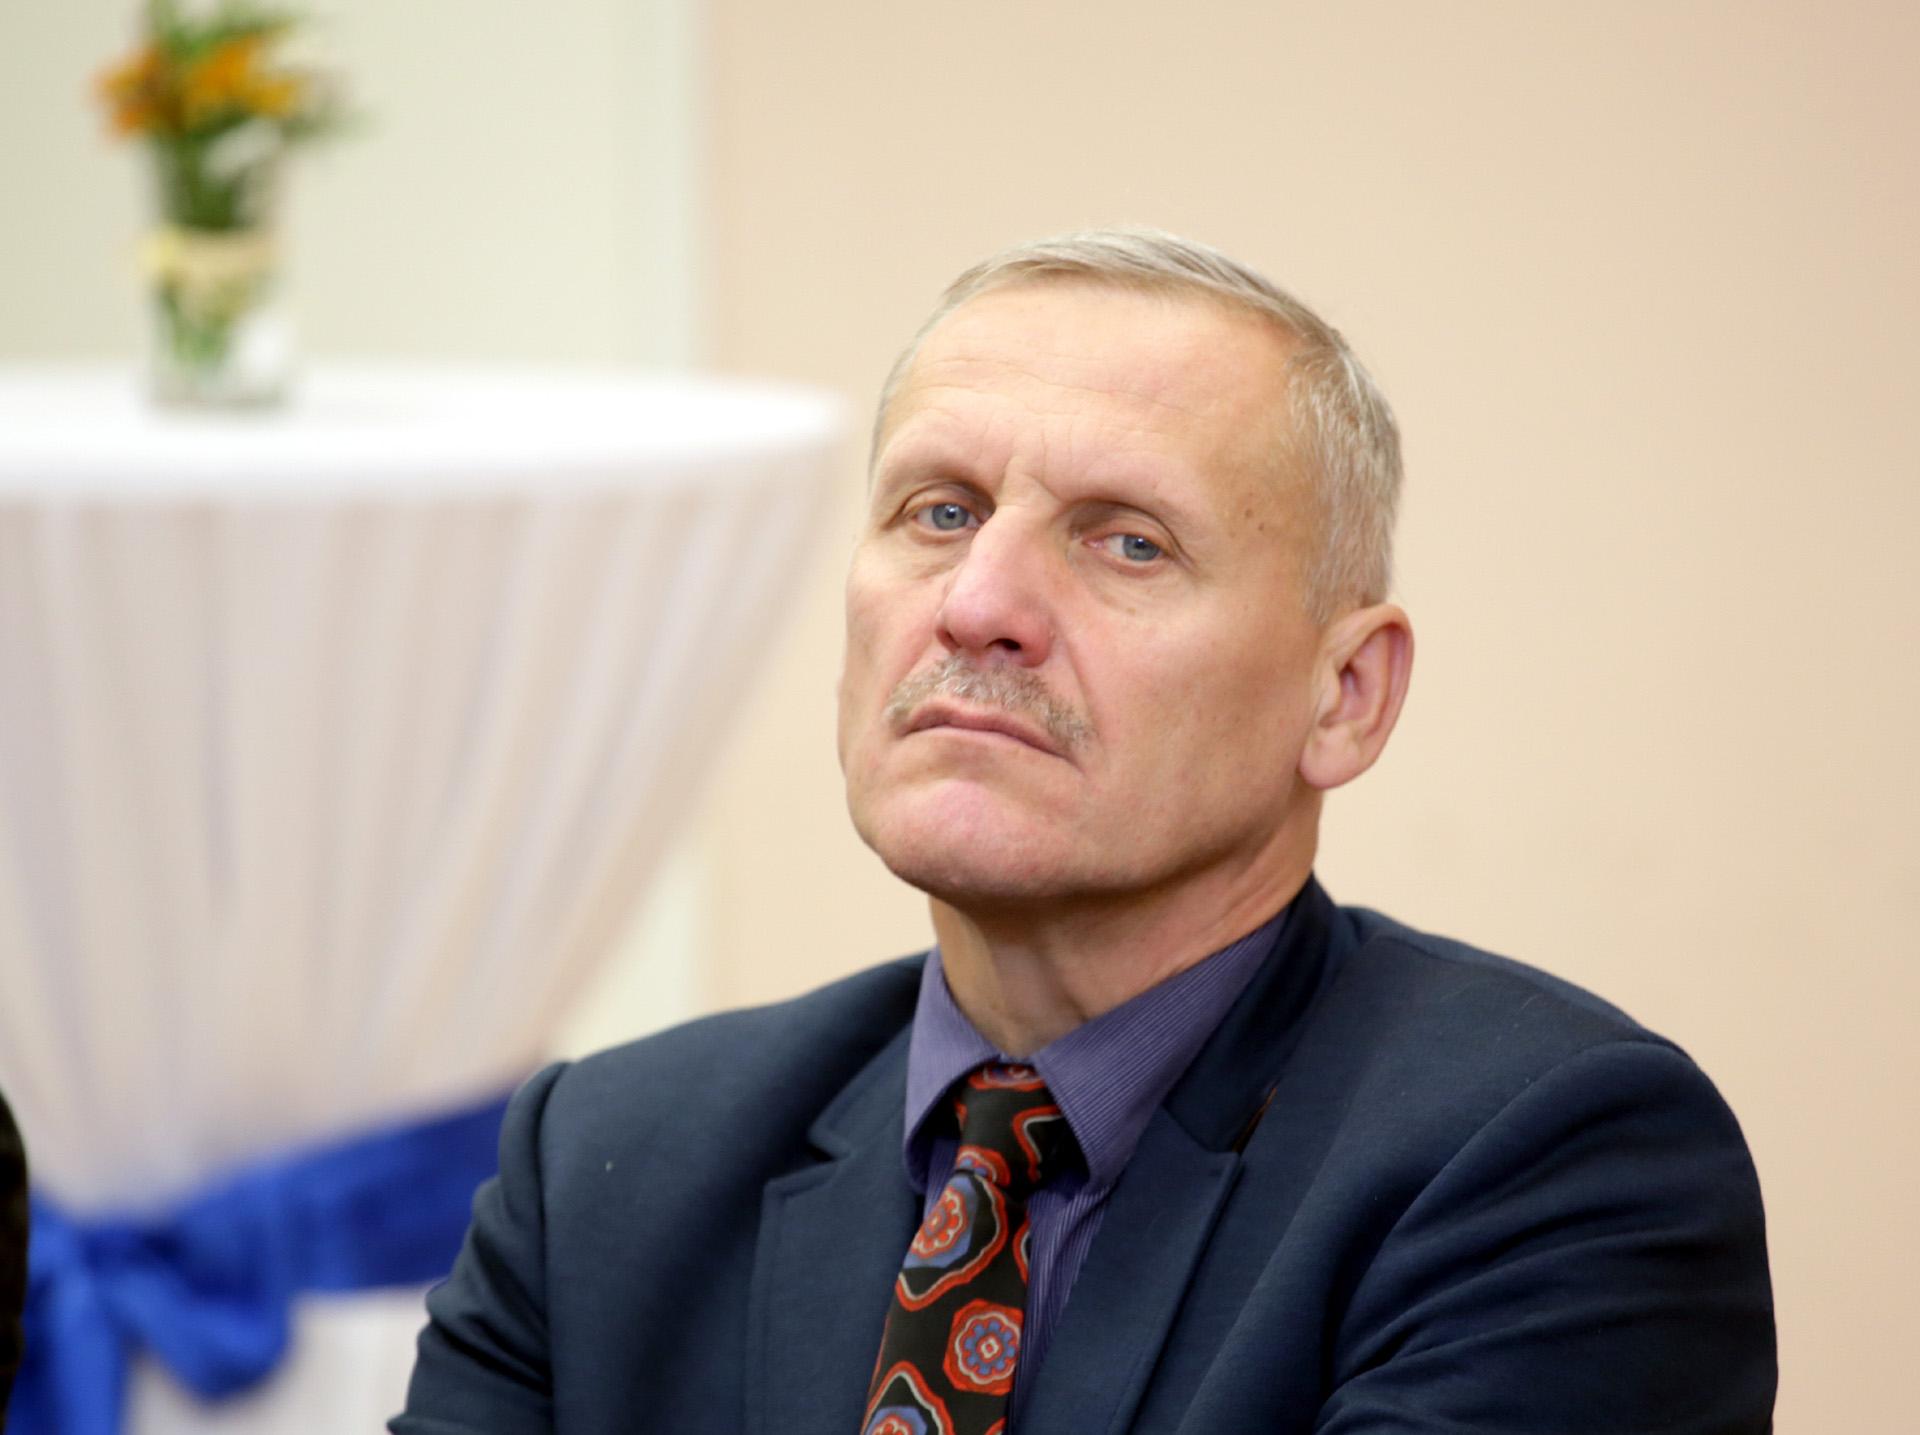 Akademijos gimnazijos direktorius direktorius Liudas Tauginas. G. Minelgaitės-Dautorės nuotr.